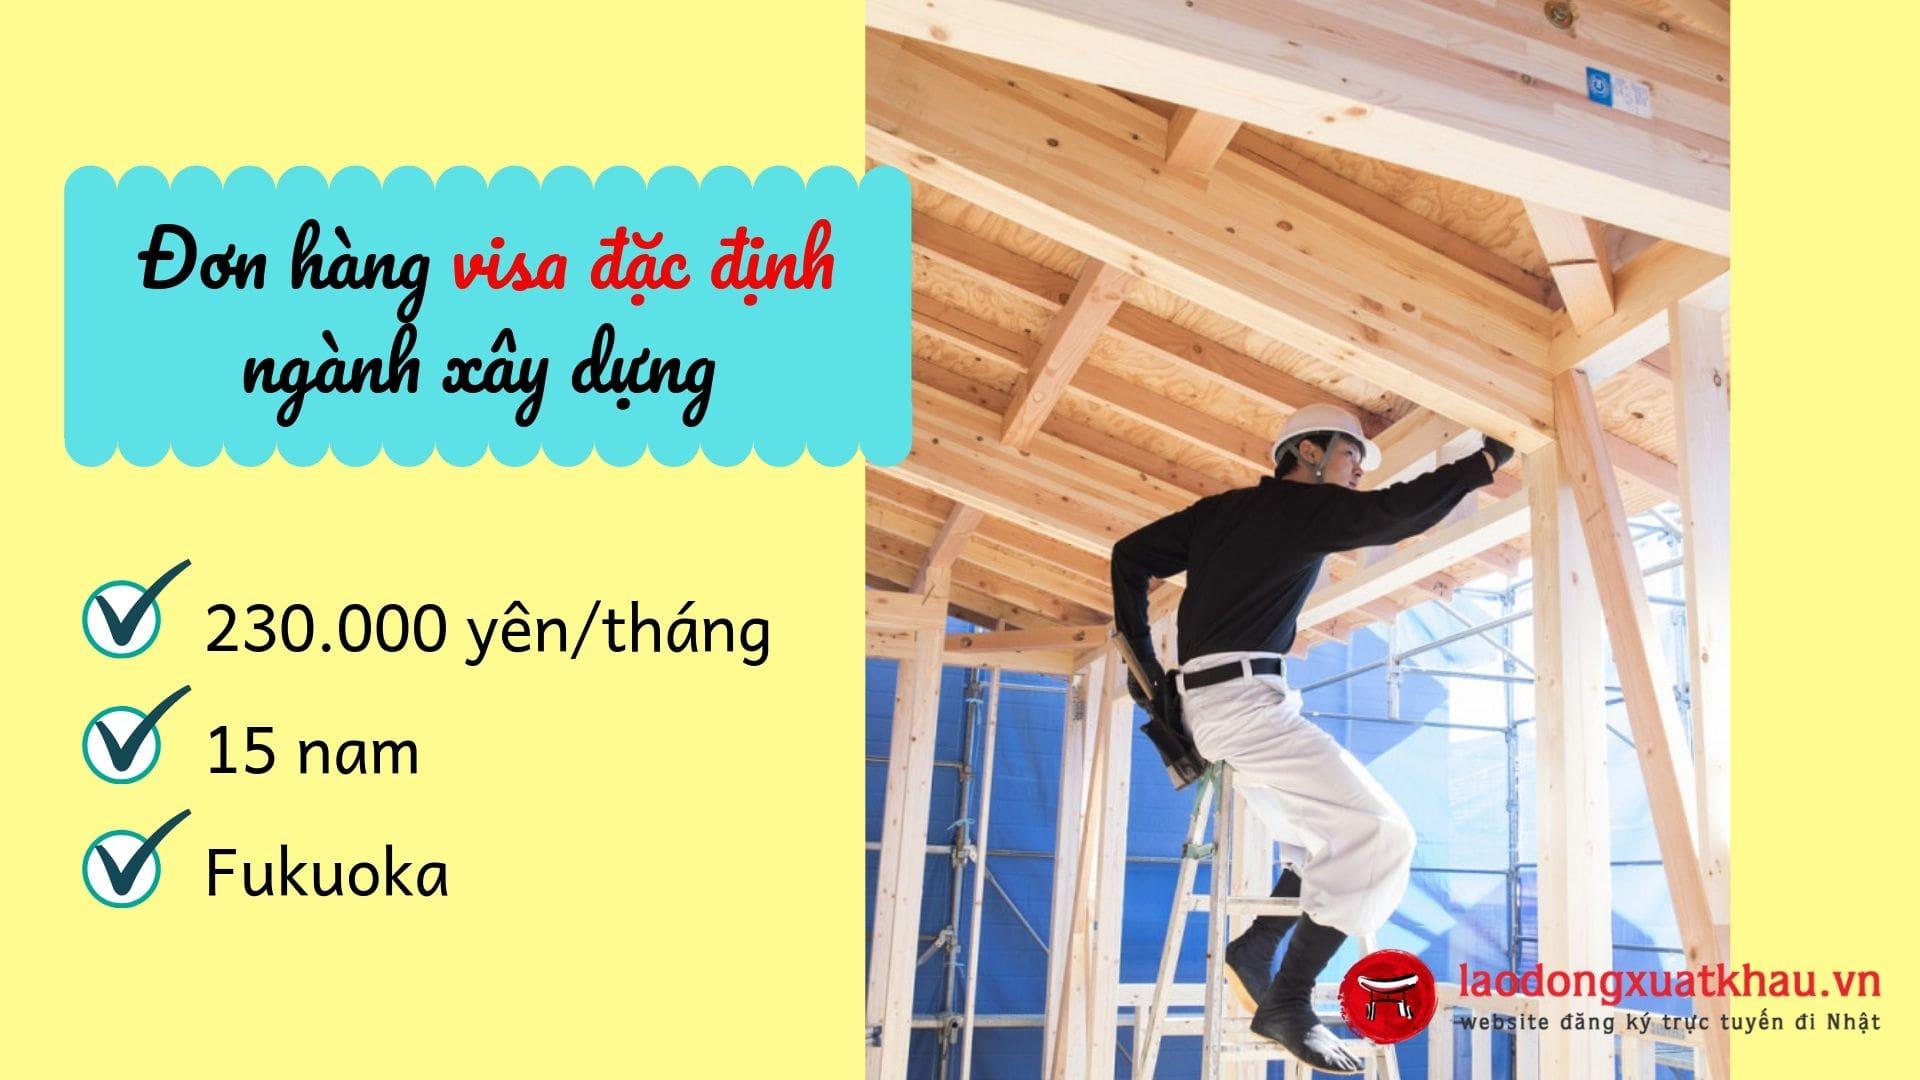 Tuyển 15 nam đơn hàng visa đặc định ngành xây dựng LƯƠNG CAO tại Fukuoka